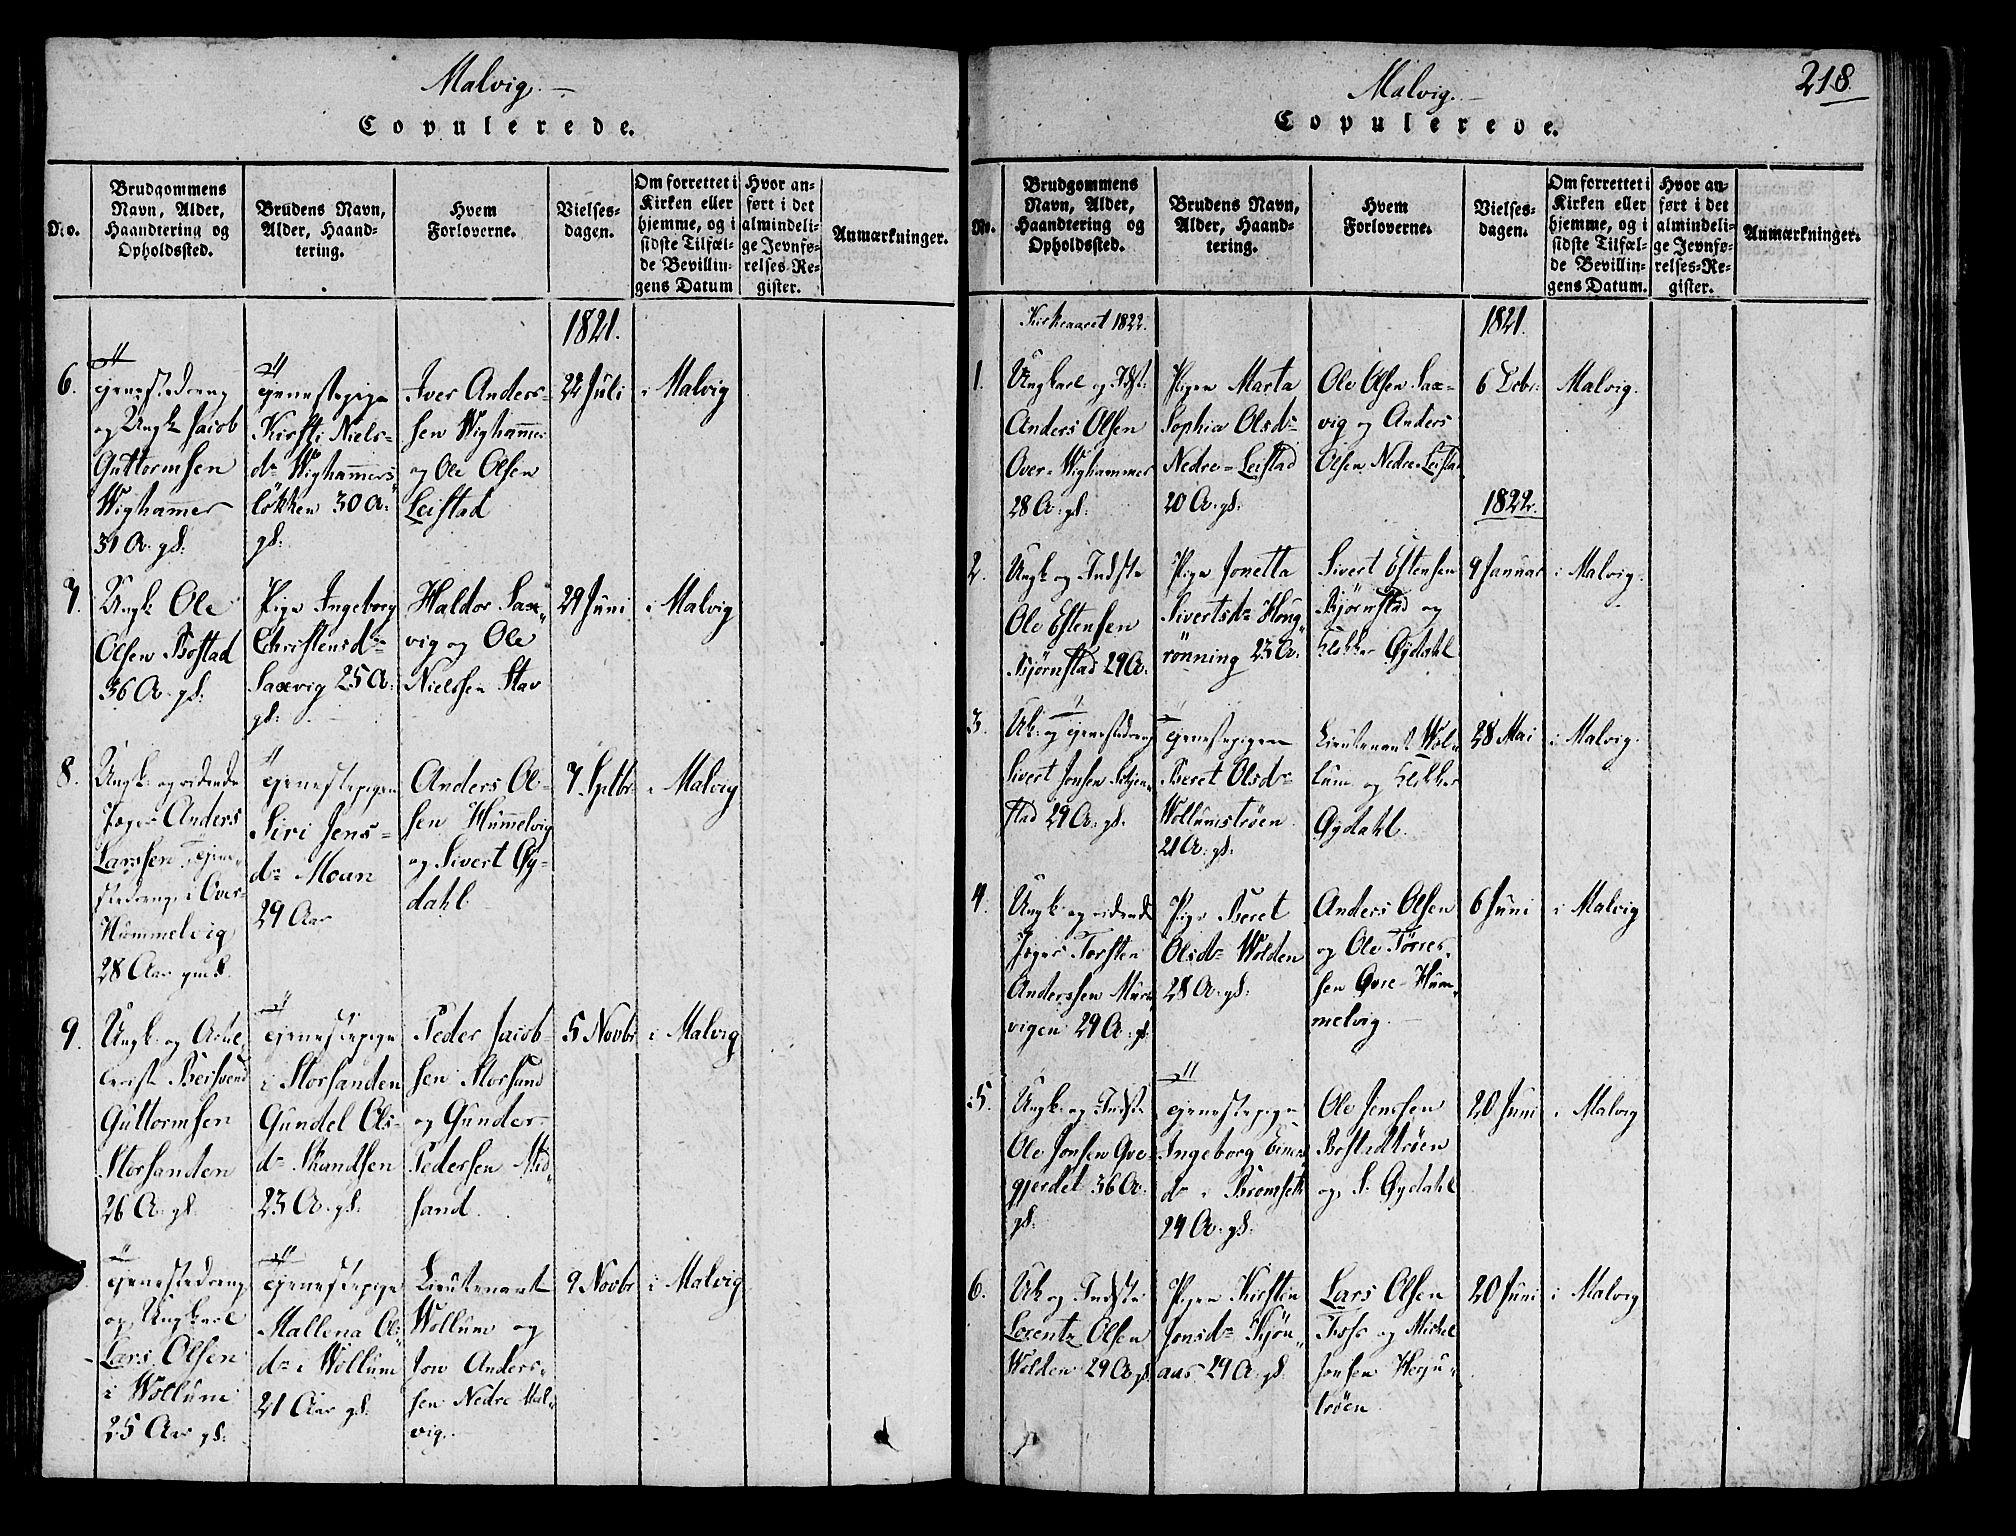 SAT, Ministerialprotokoller, klokkerbøker og fødselsregistre - Sør-Trøndelag, 606/L0284: Ministerialbok nr. 606A03 /2, 1819-1823, s. 218